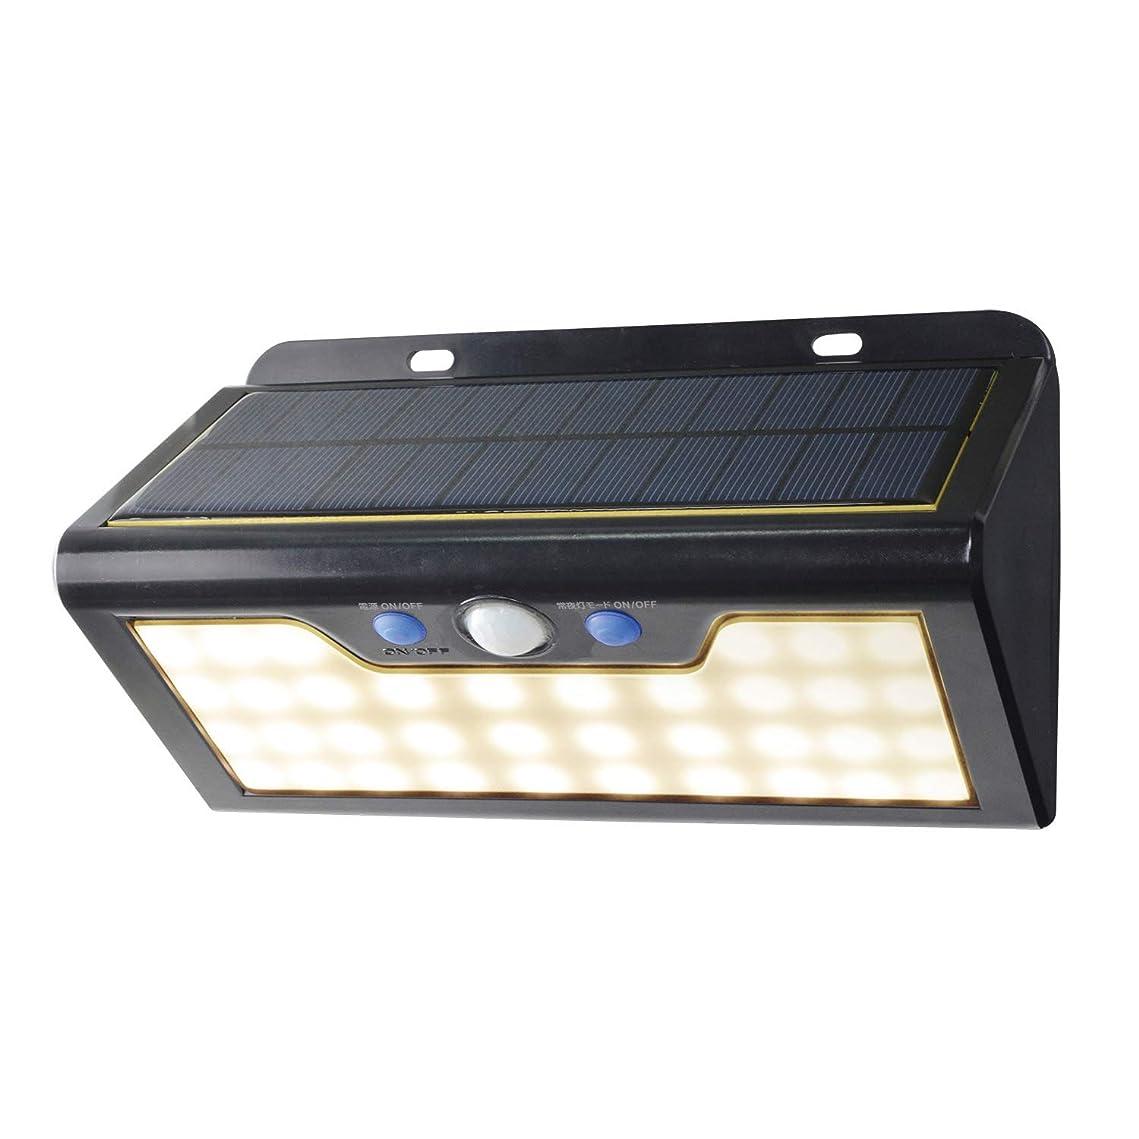 ポーン交差点ウイルスELPA エルパ LEDセンサーウォールライト(大) 電球色 場所を選ばないソーラー式 明暗人感センサー&常夜灯切替可能 安心な防水タイプ ESL-K411SL(L)